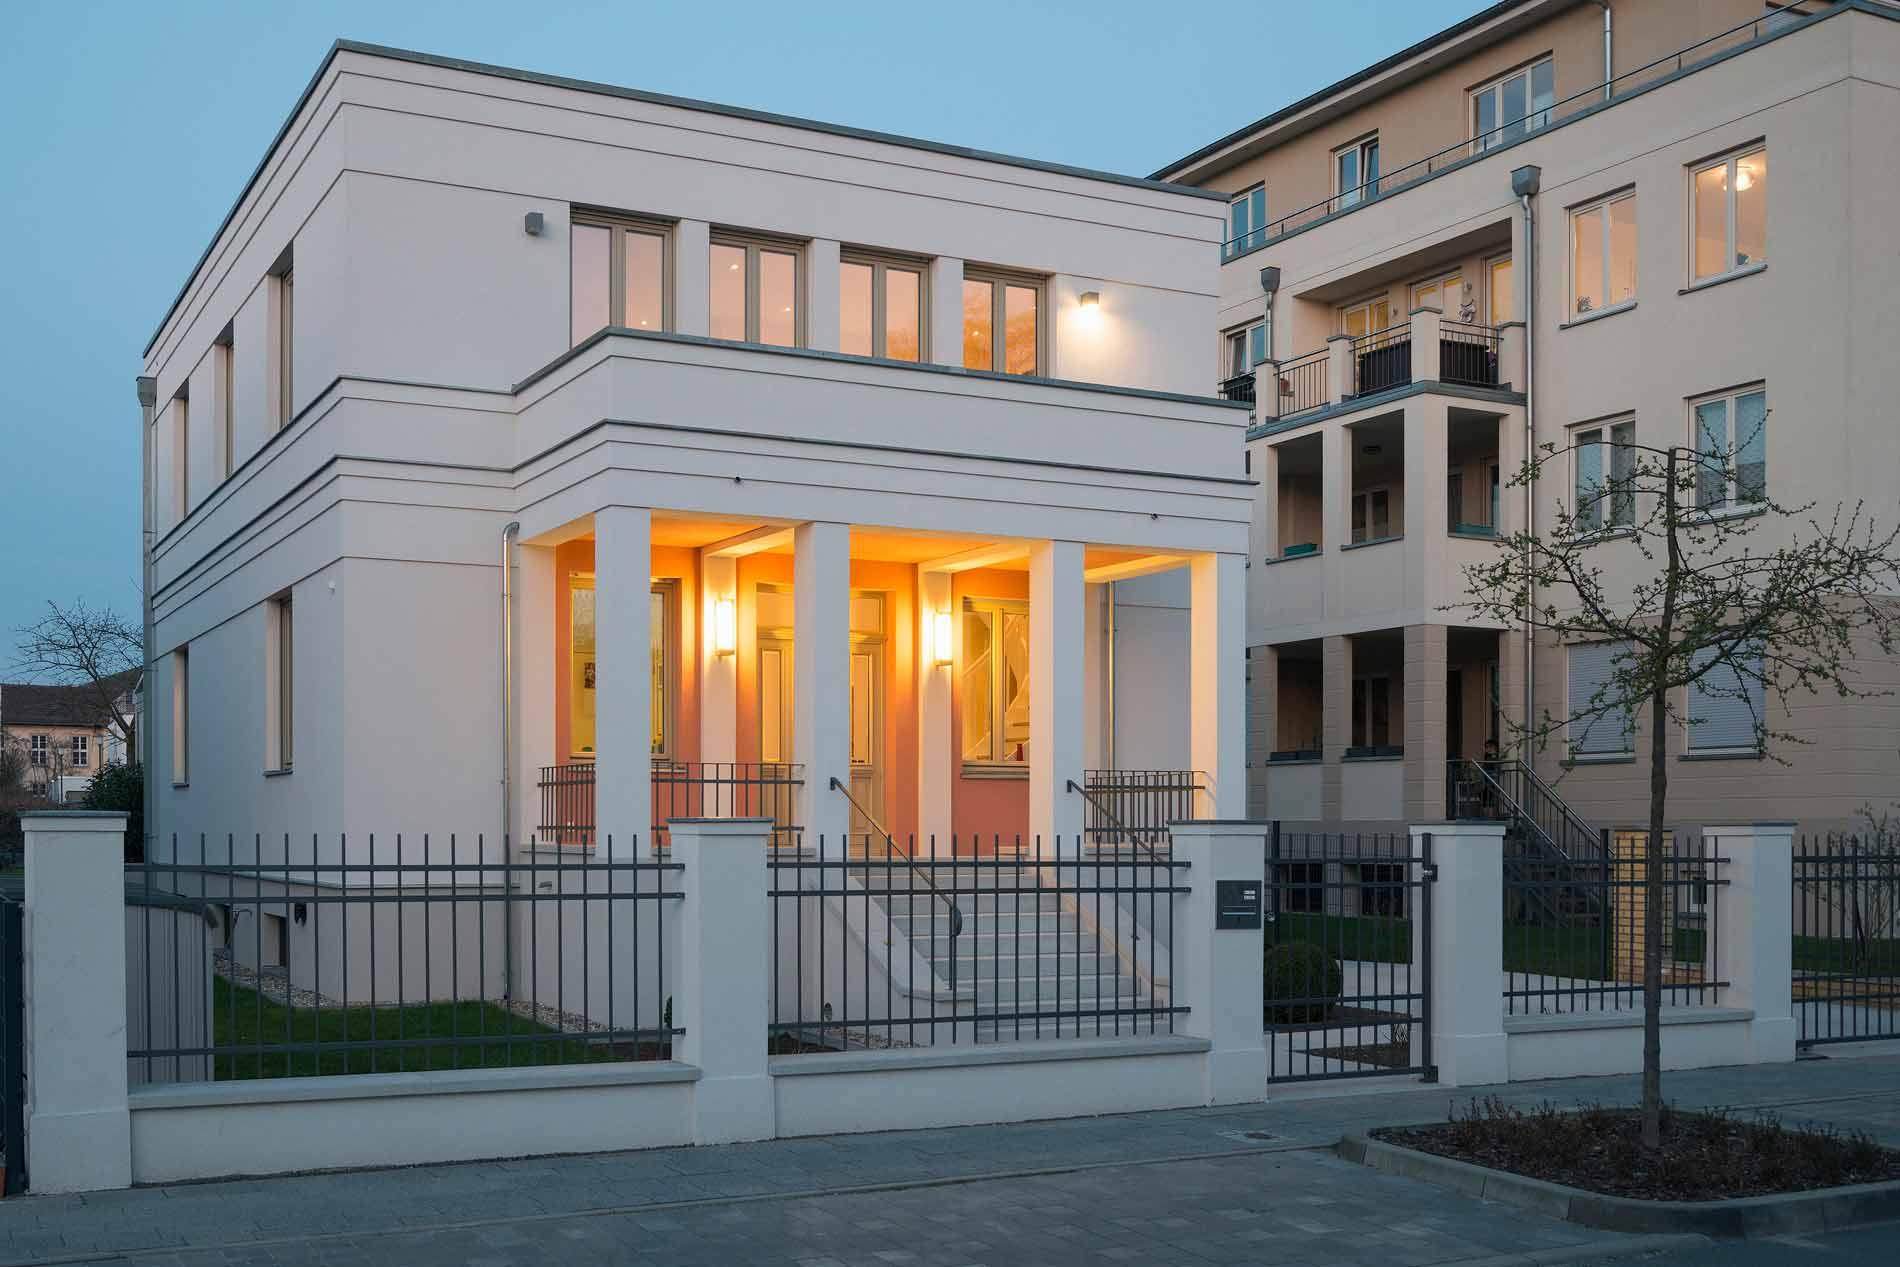 Die Fassadengliederung durch umlaufende Gesimse und einen Portikus basiert auf der Erhaltungssatzung für die Berliner Vorstadt in Potsdam.